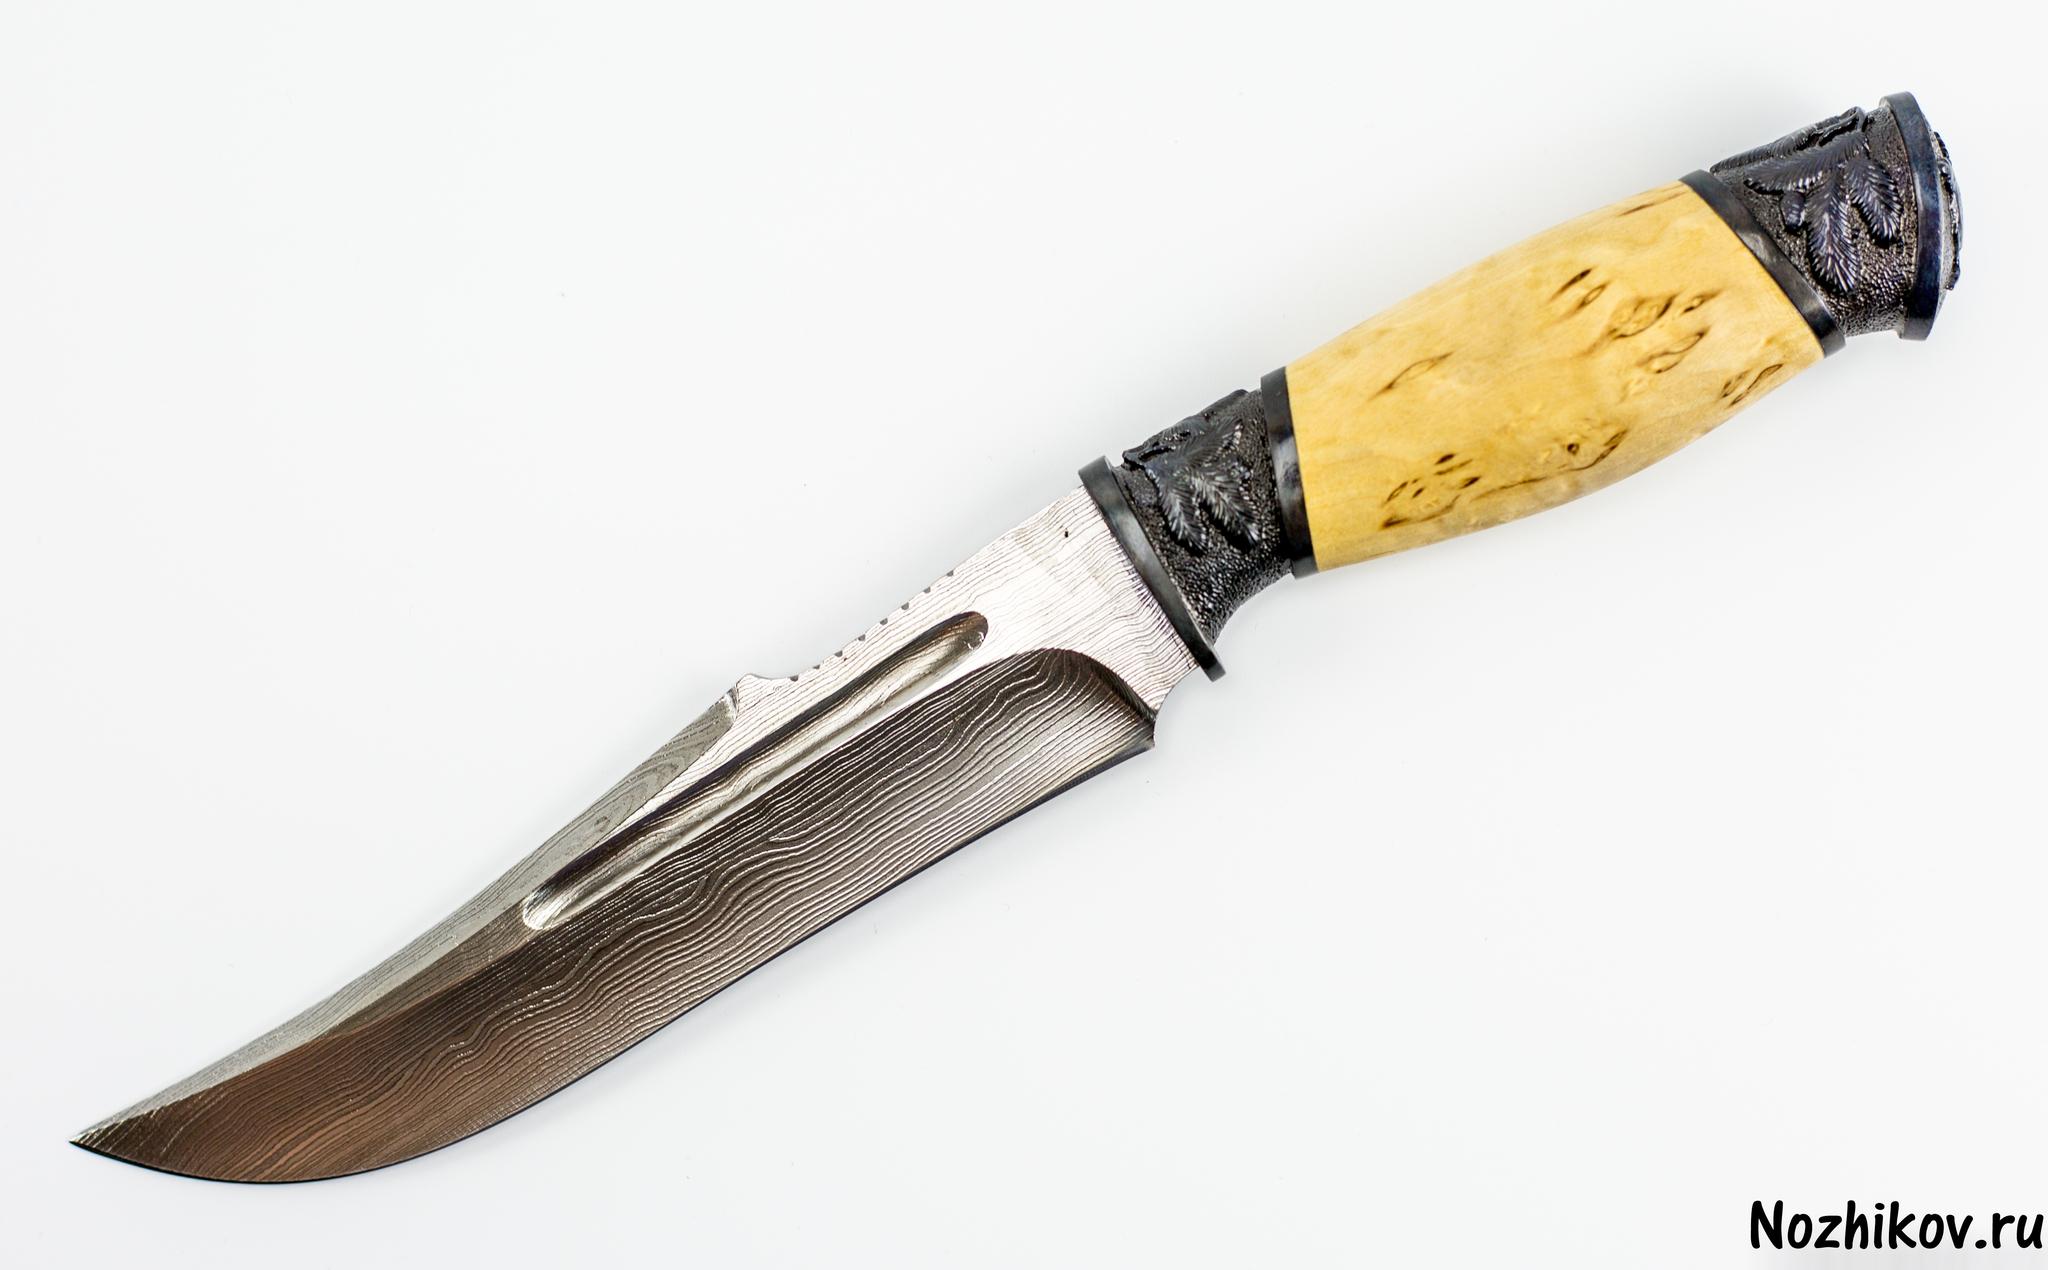 Авторский Нож из Дамаска №23, Кизляр